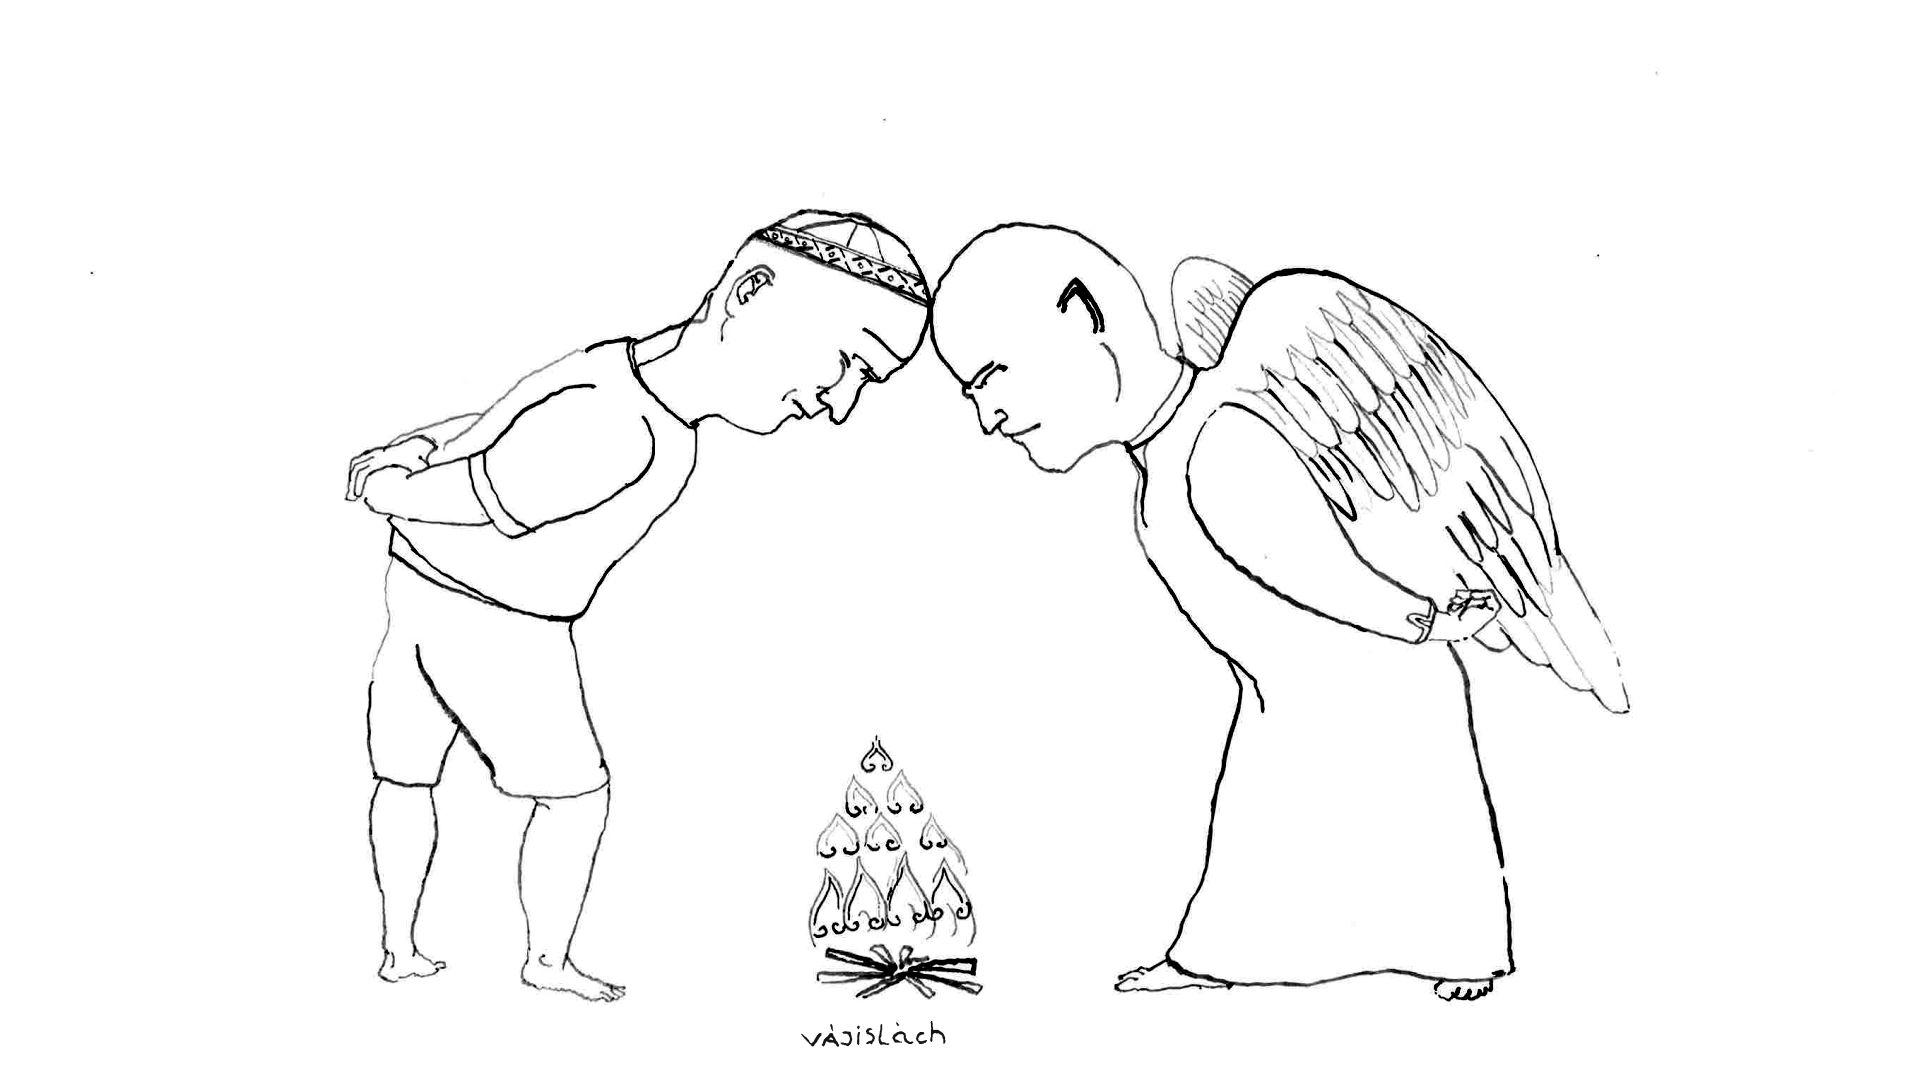 heti szakasz december 5-en: Vájislách (1Mózes 32:4–36:43.)